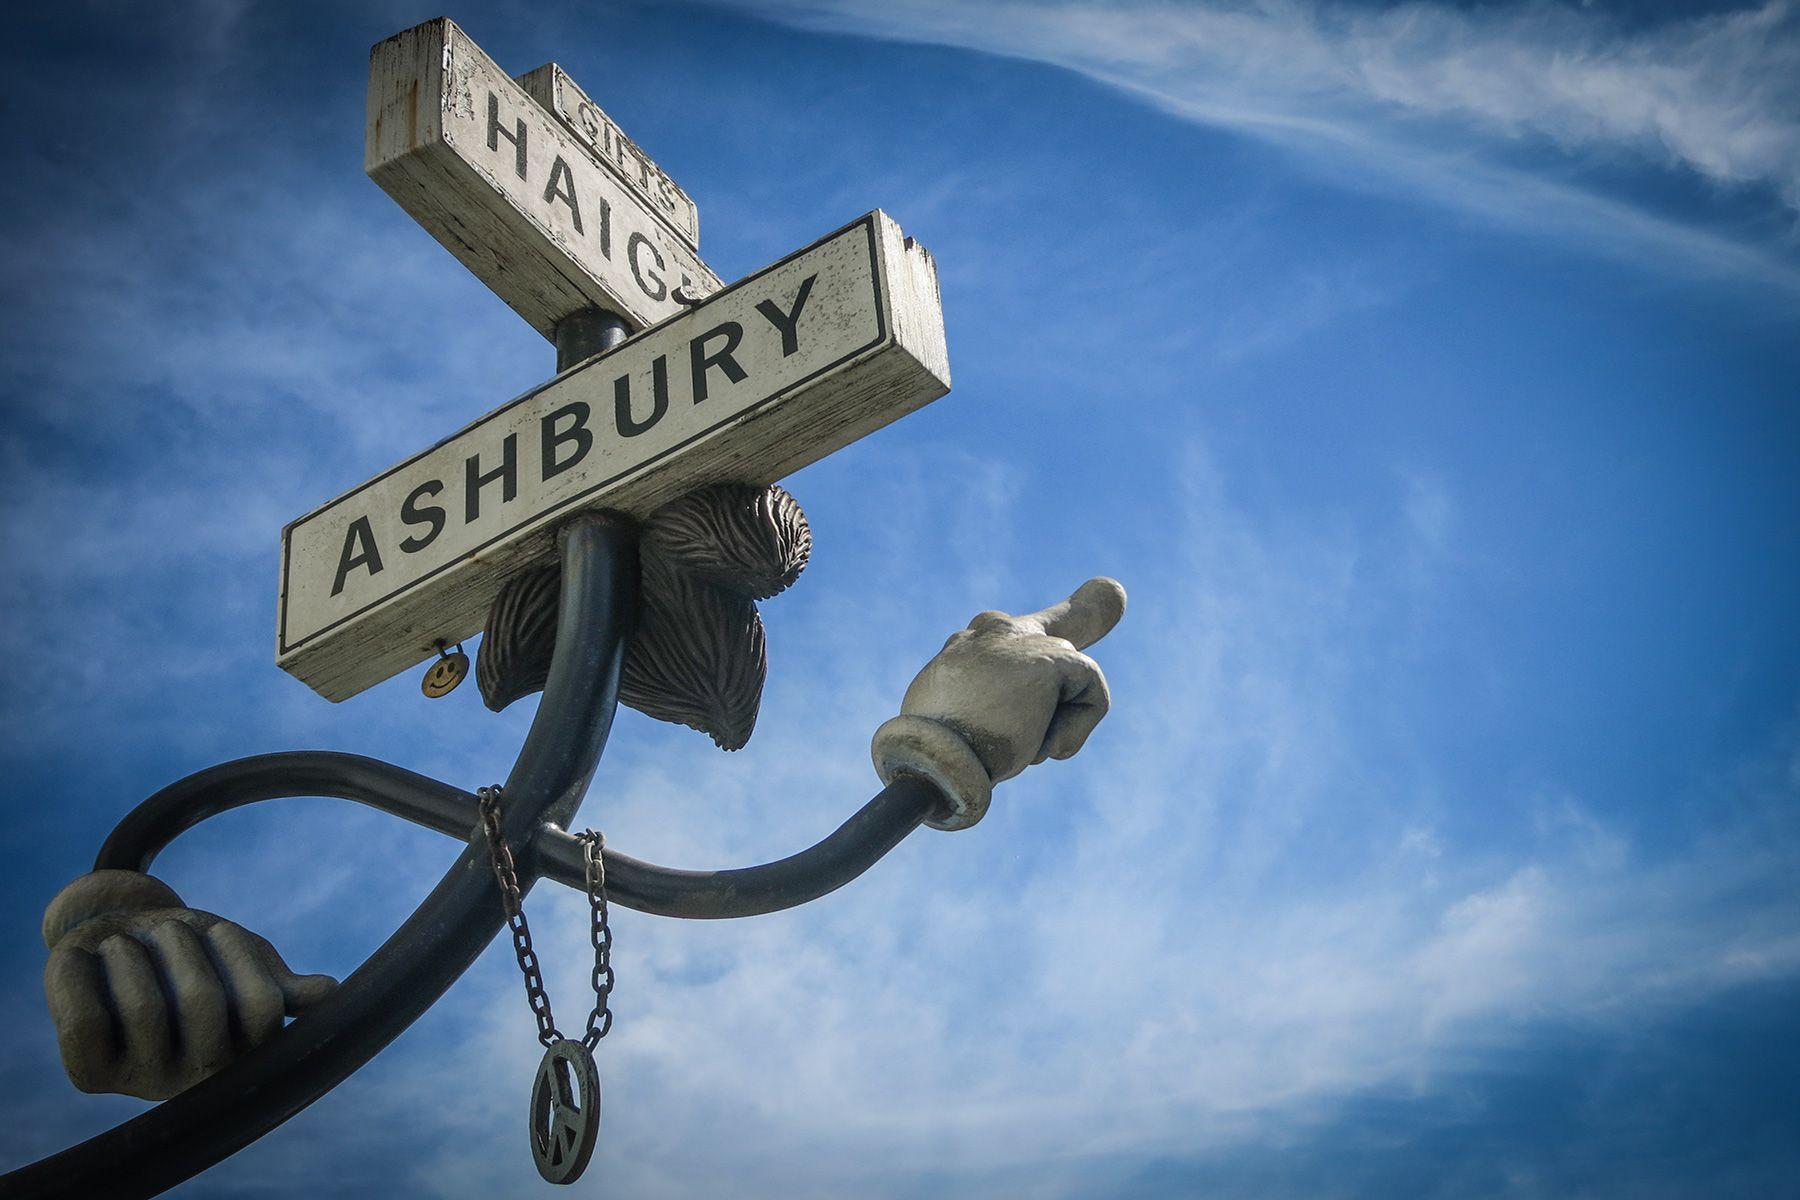 Haight Ashury, CA